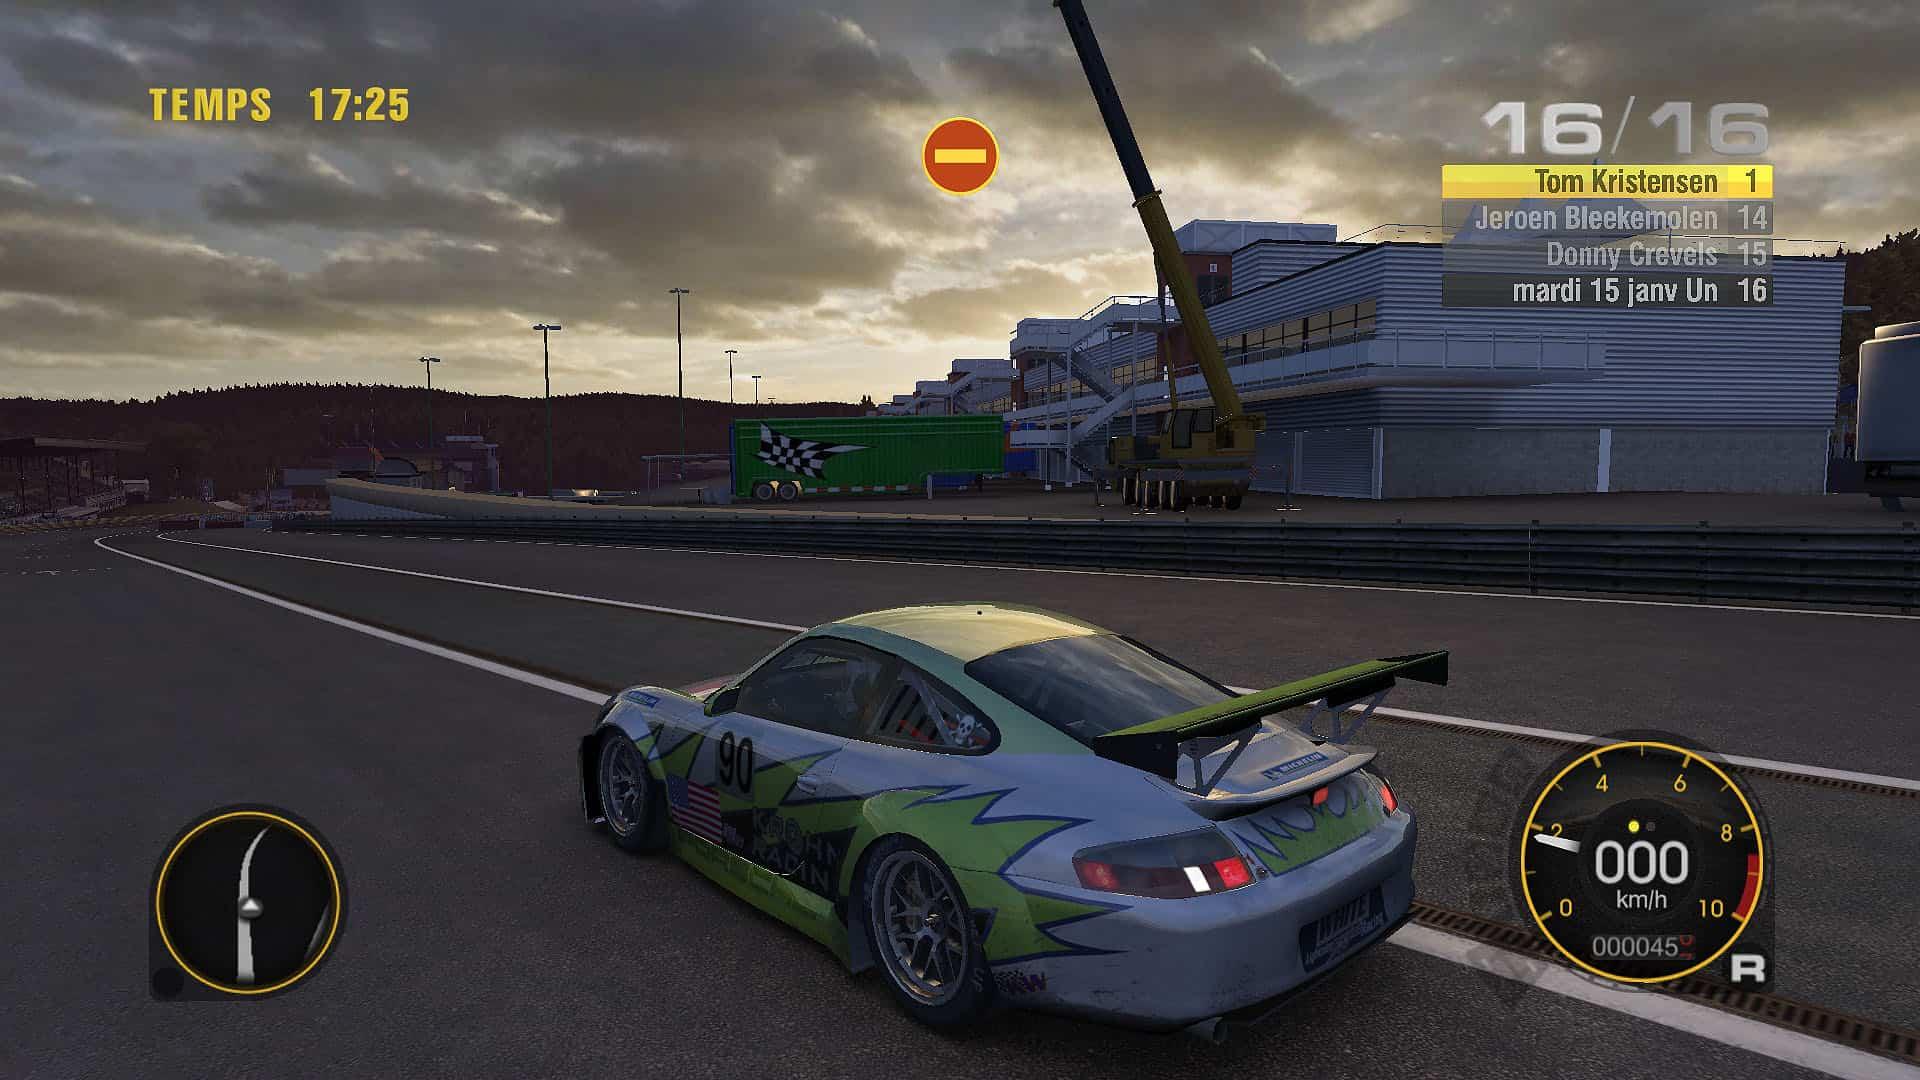 Jeu De Voiture De Course Sur Circuit - Course Automobile encequiconcerne Les Jeux De Voiture De Course